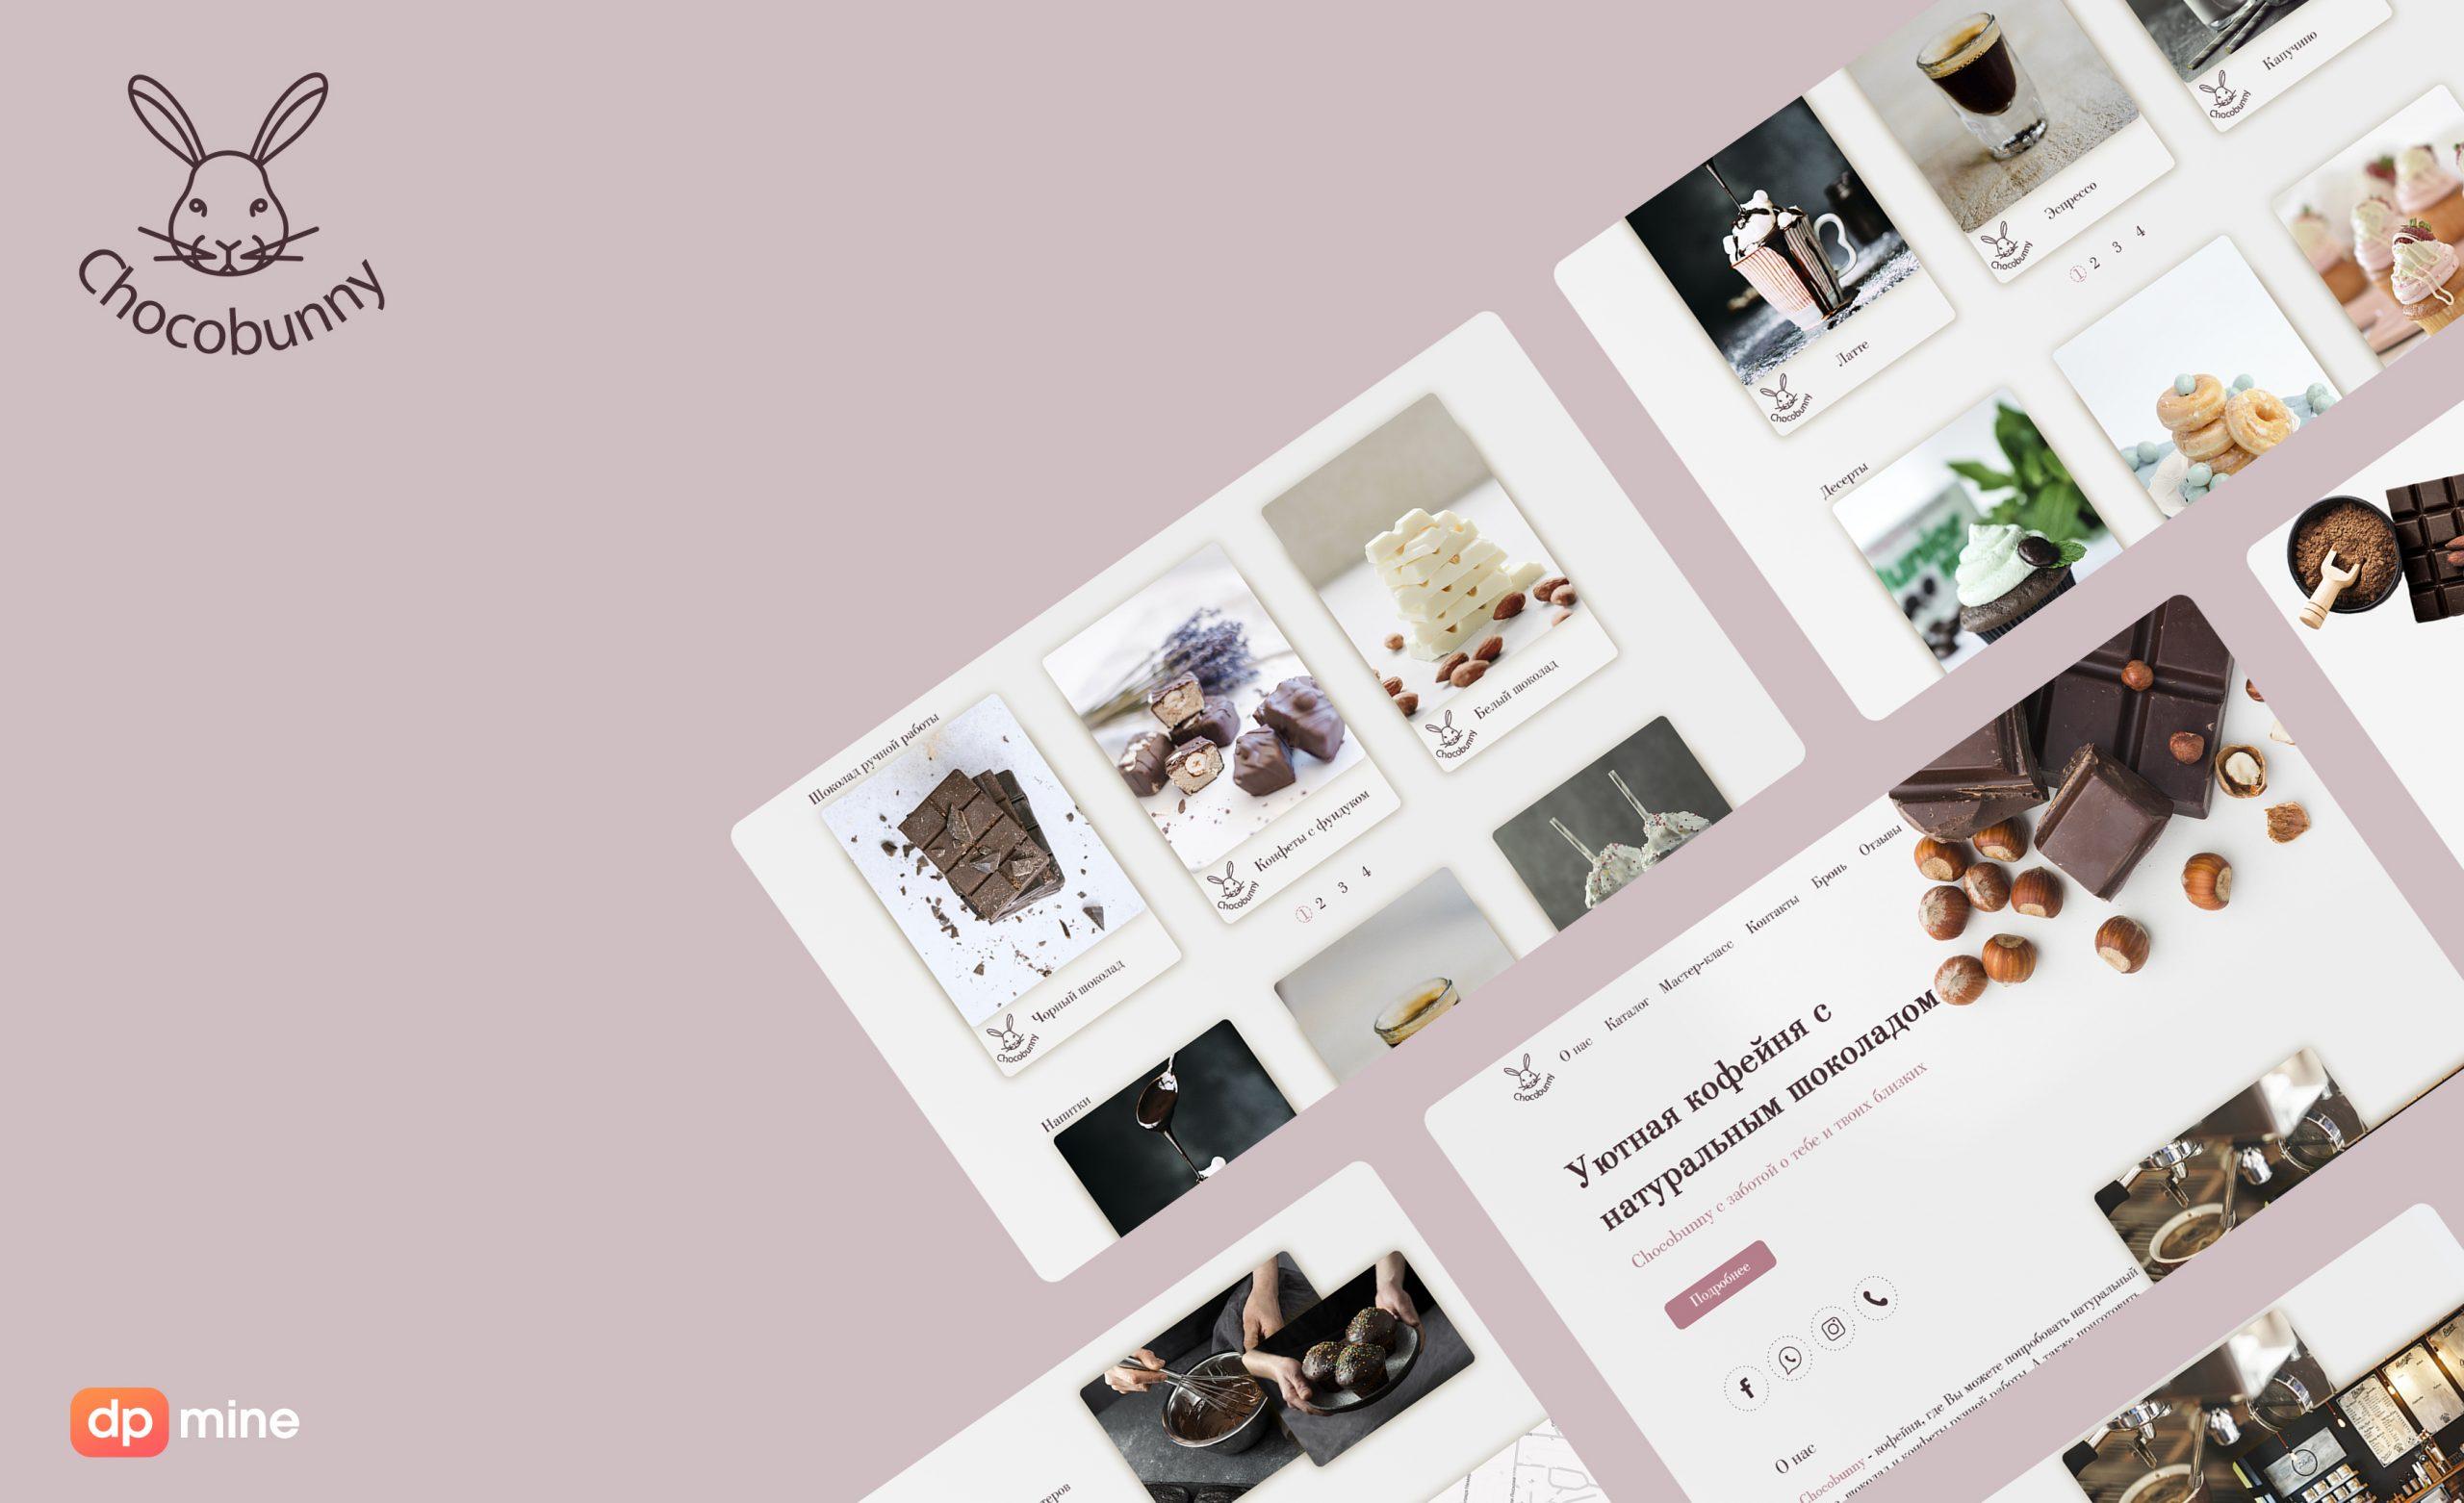 Создание и разработка сайтов от веб-студии dpmine.com.ua, заказать сайт с нуля недорого под ключ в https://www.behance.net/gallery/107083243/lending-dlja-masterskoj-shokolada - dpmine.com.ua